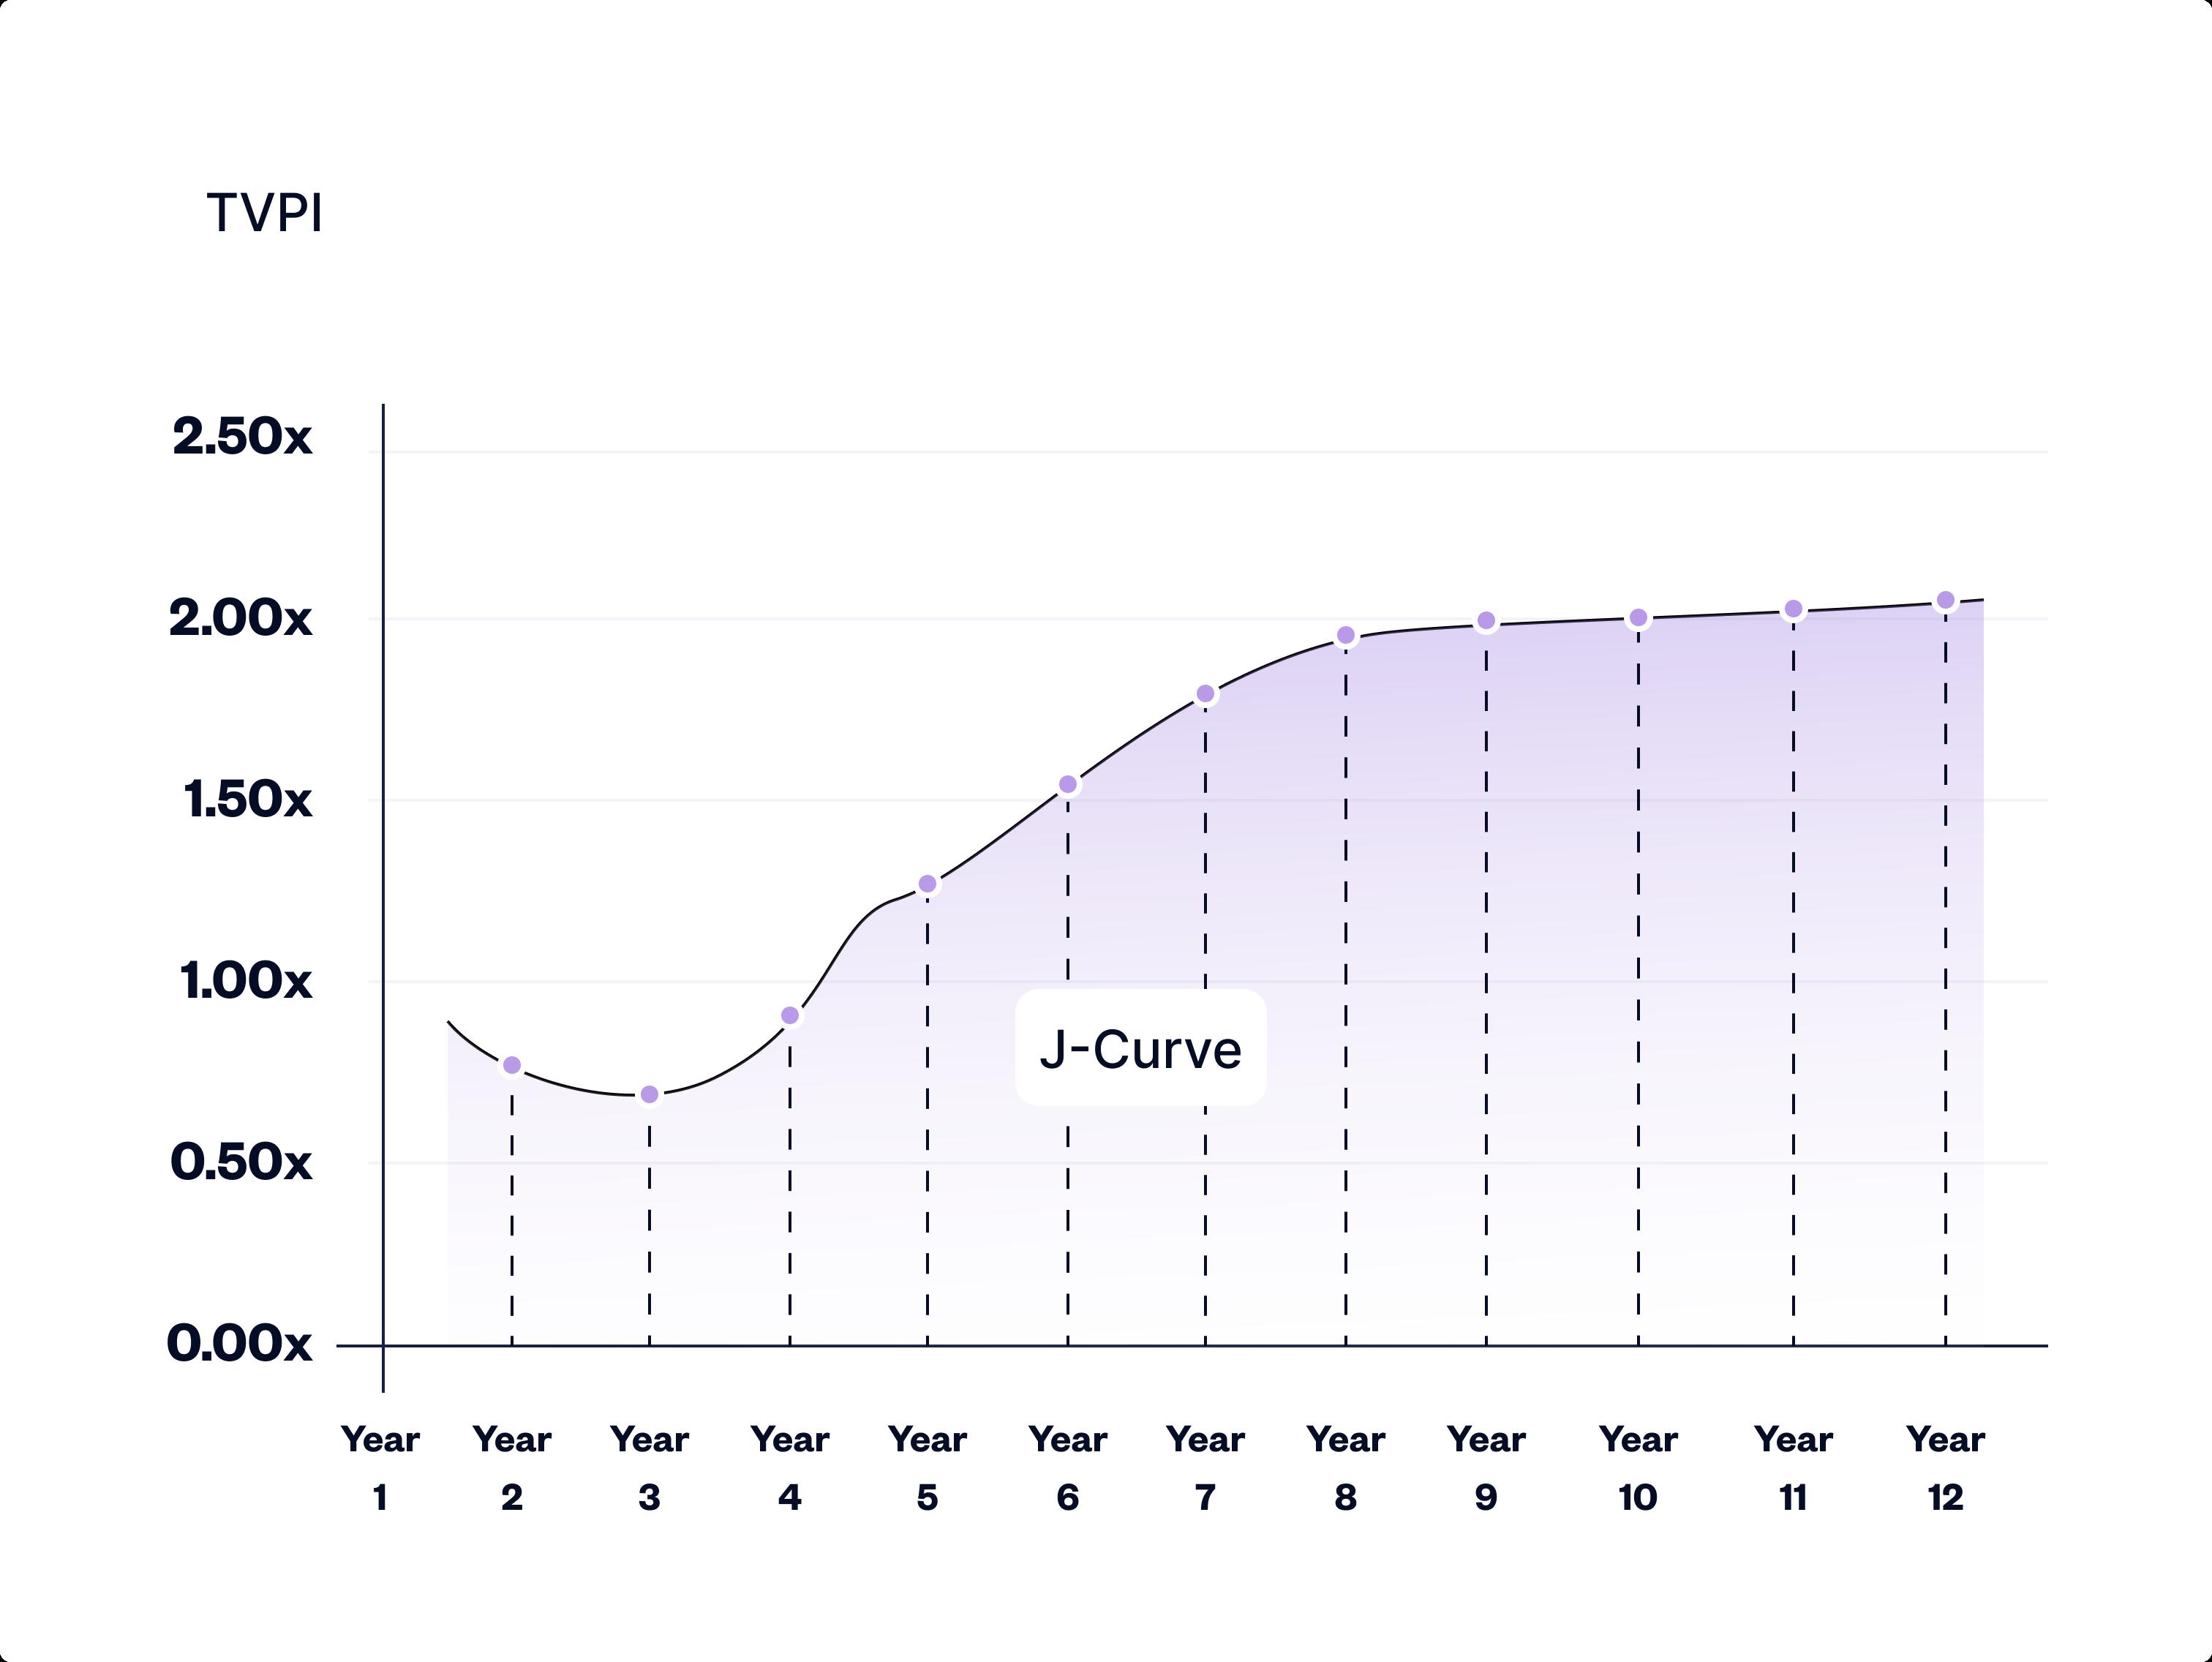 the tvpi j-curve